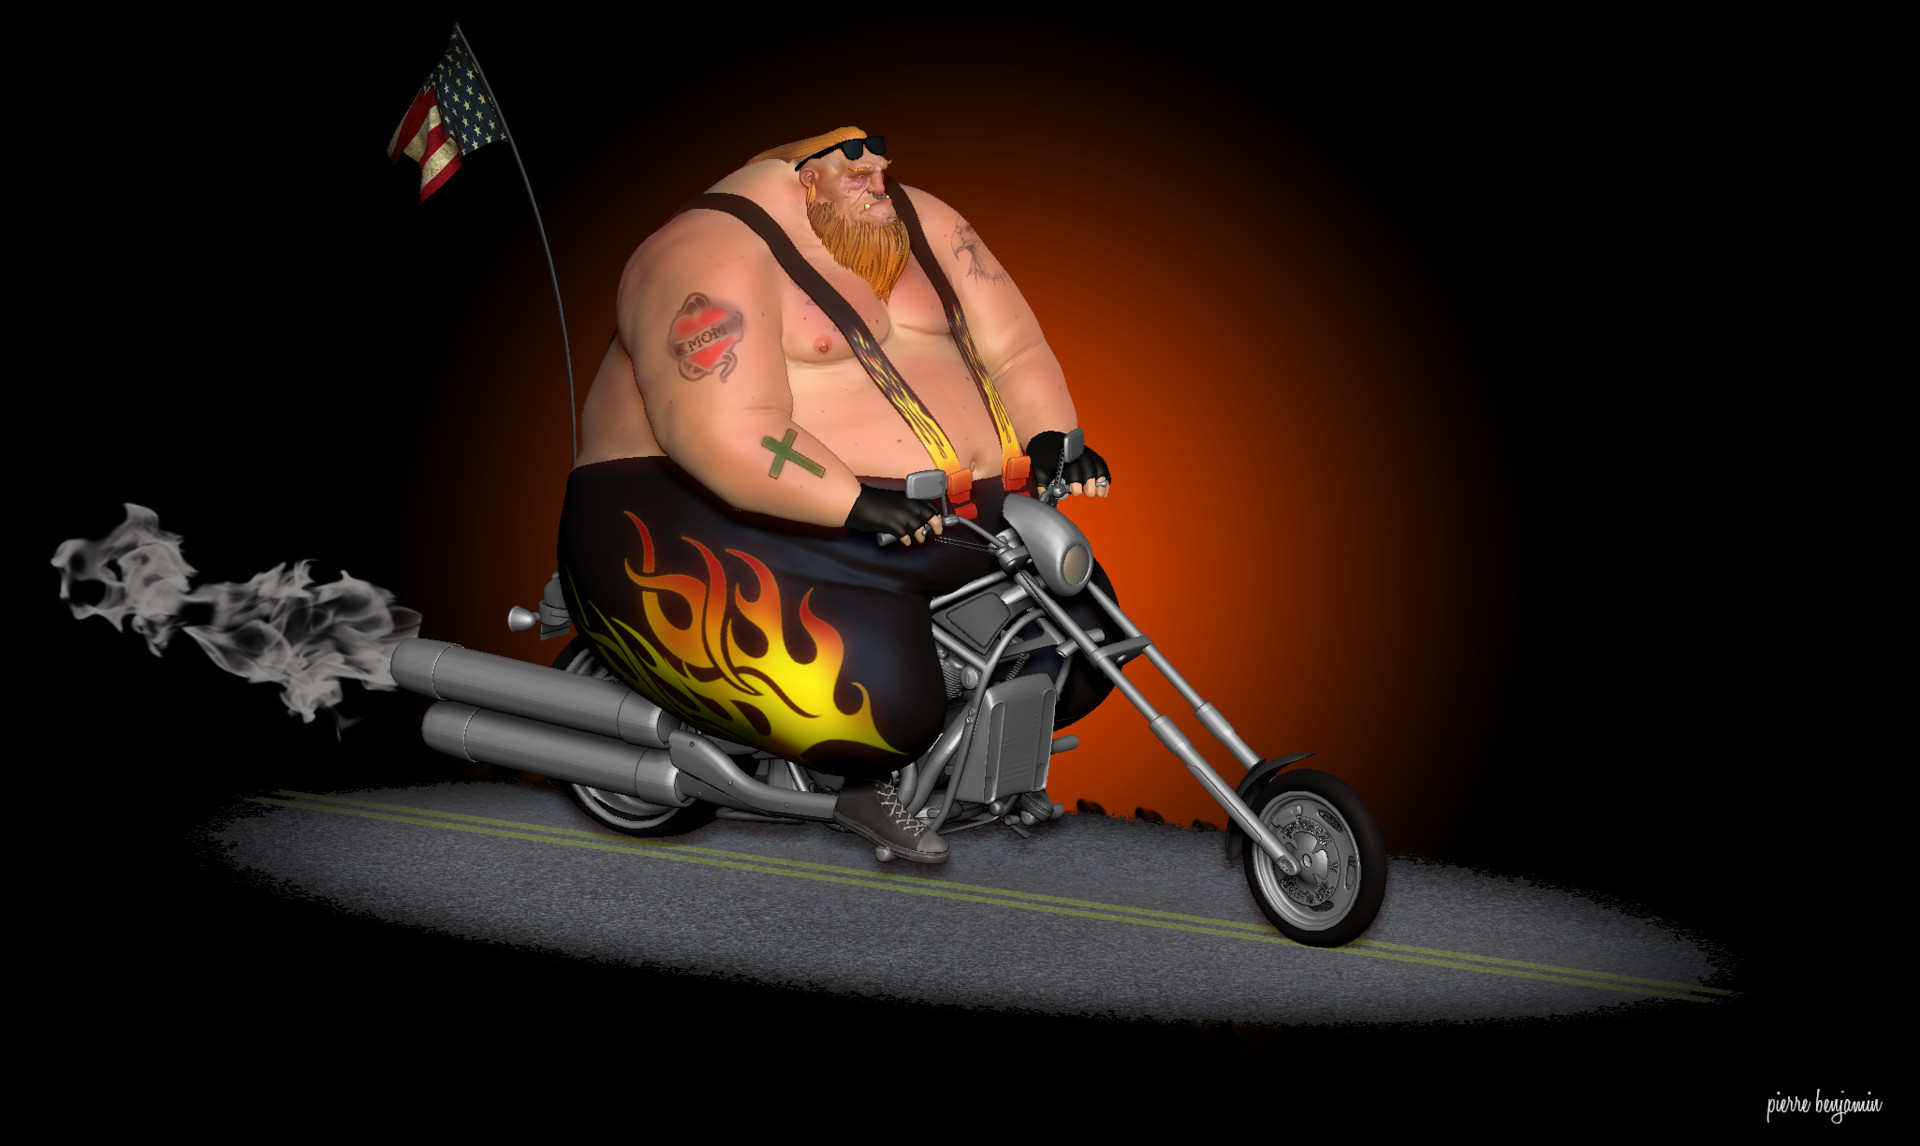 Pierre benjamin dude biker001